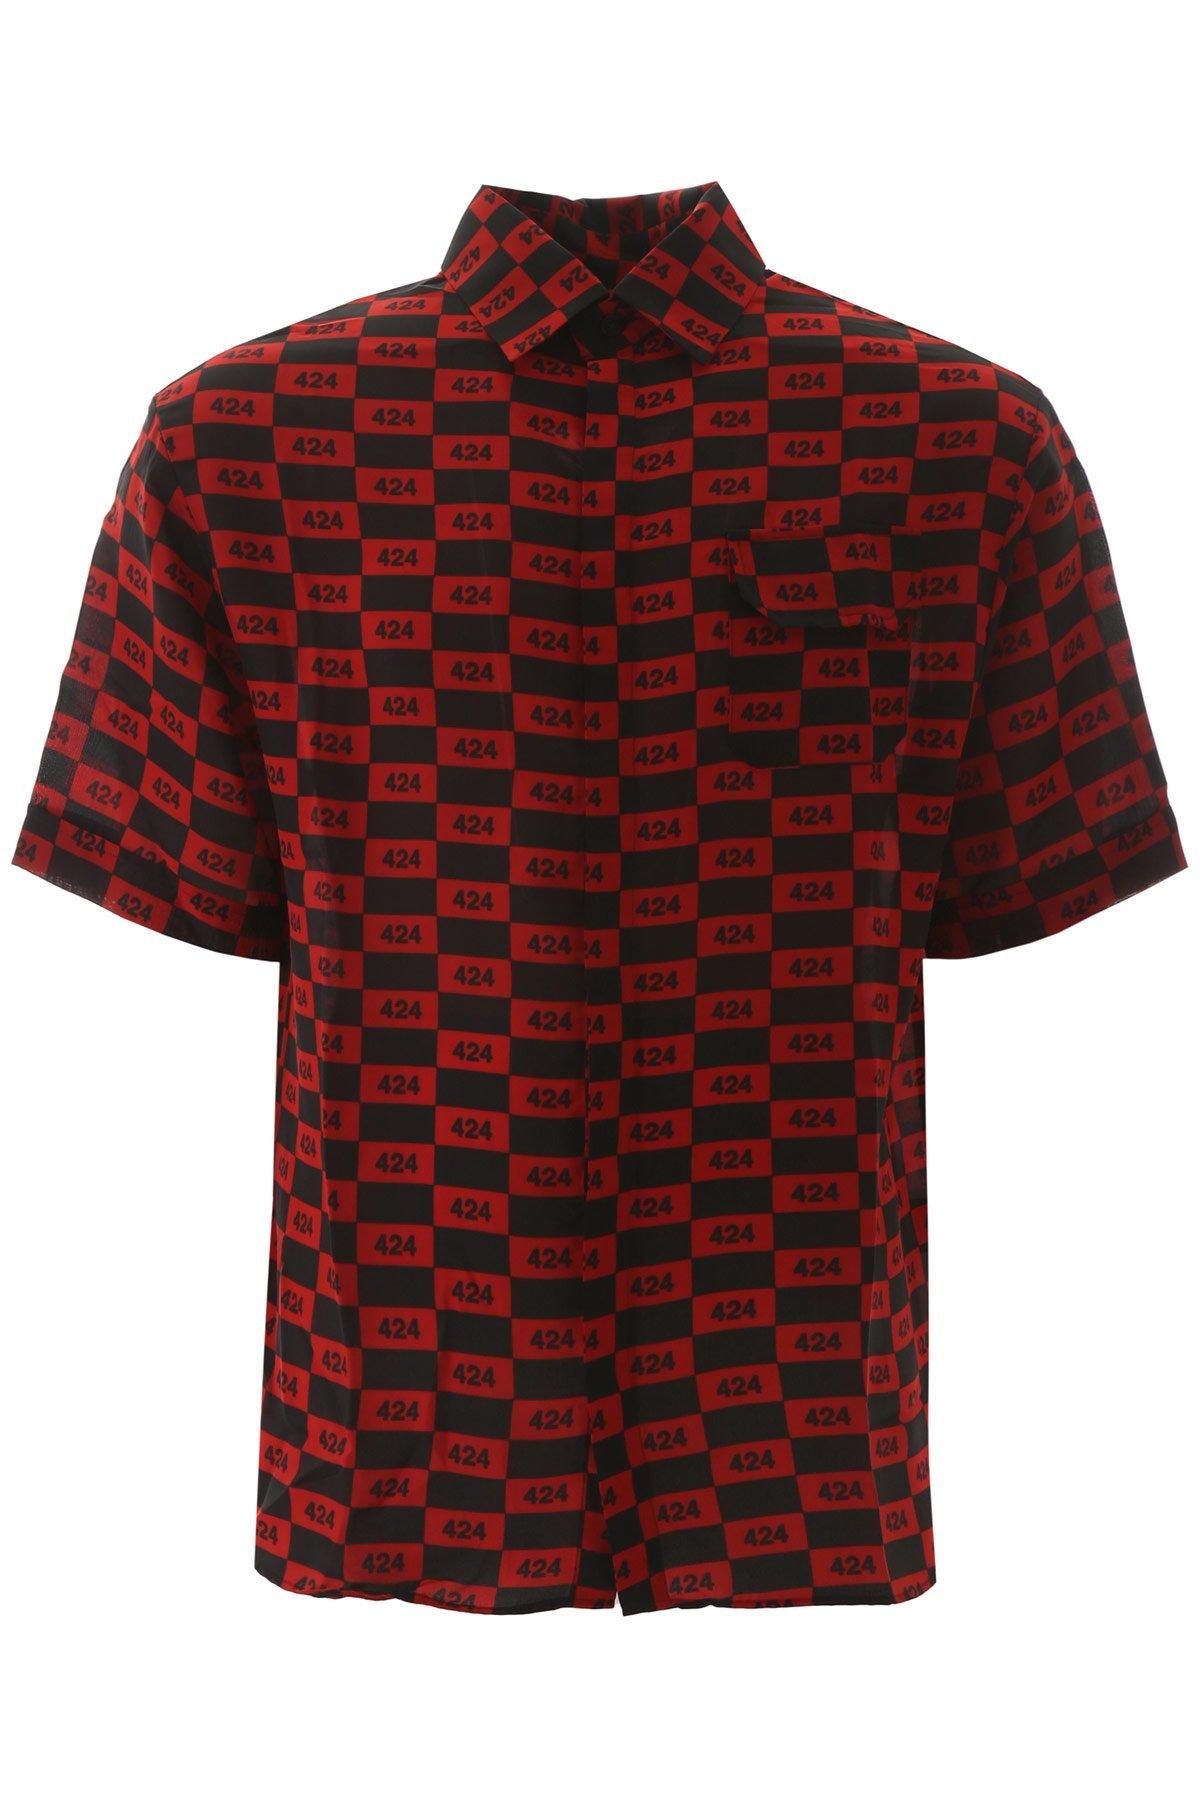 424 camicia monogram